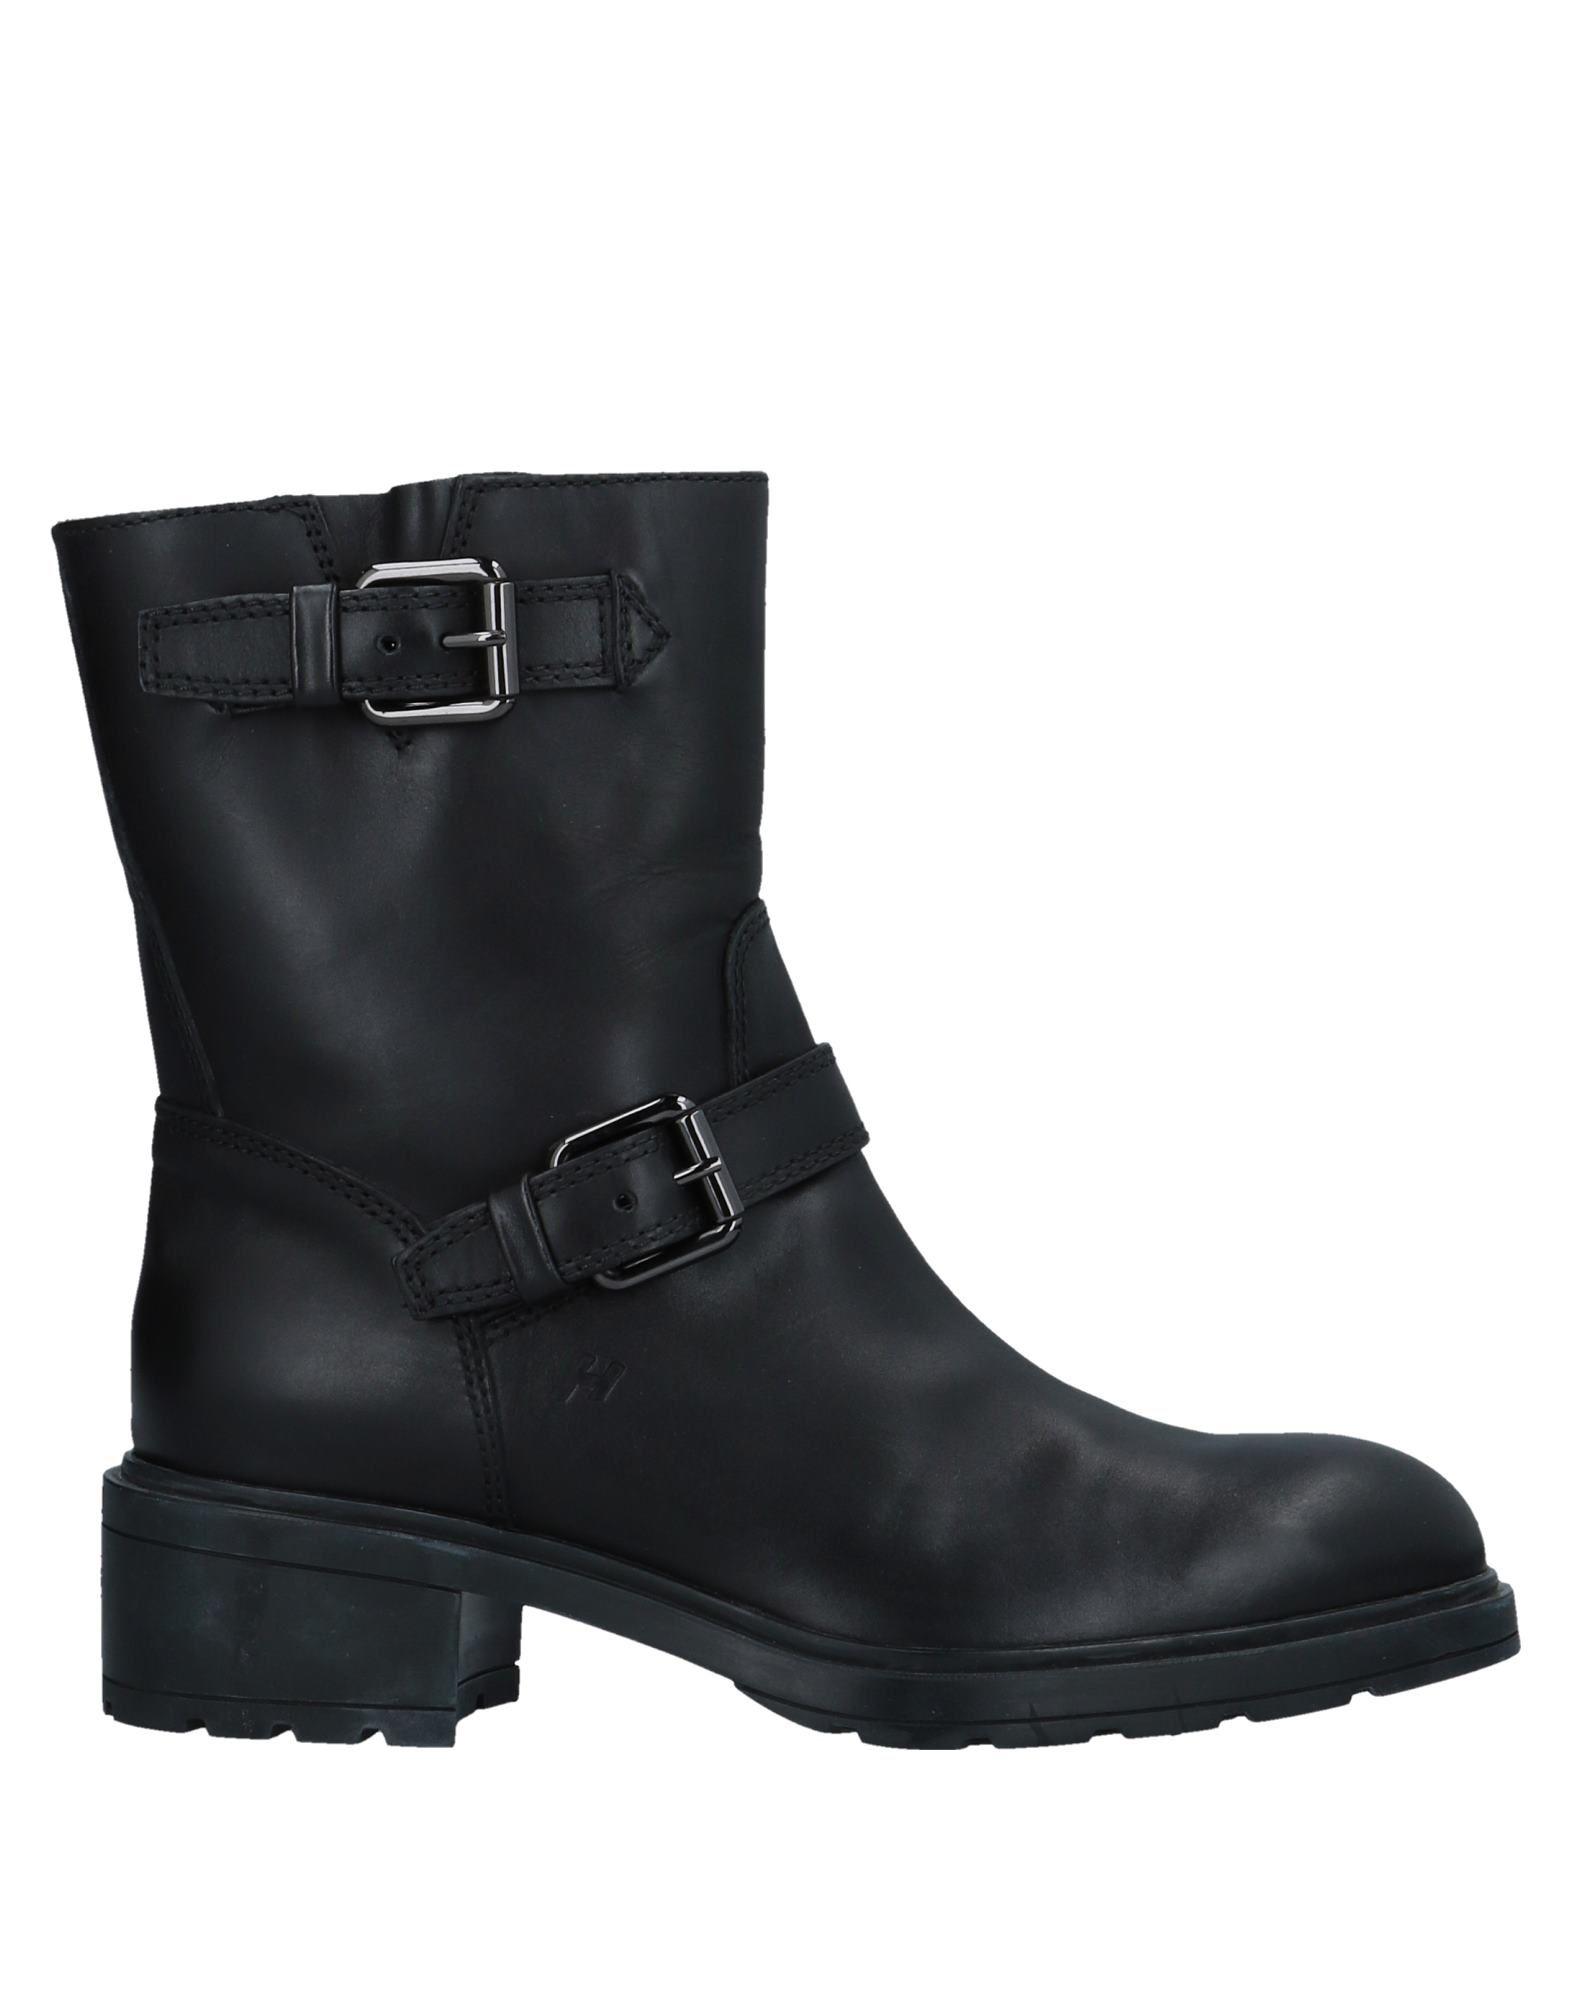 Sneakers Stemar Uomo - 11489610IA Scarpe economiche e buone